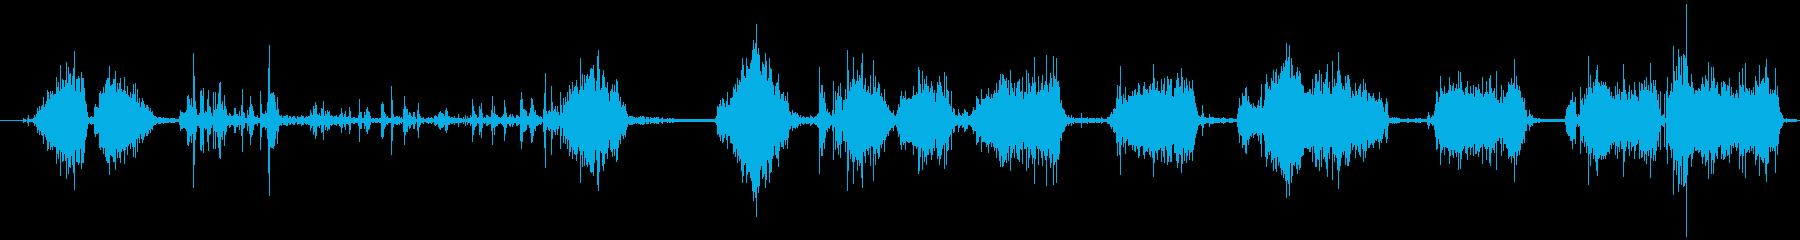 自動ウィンドウスクレーパー:ハード...の再生済みの波形